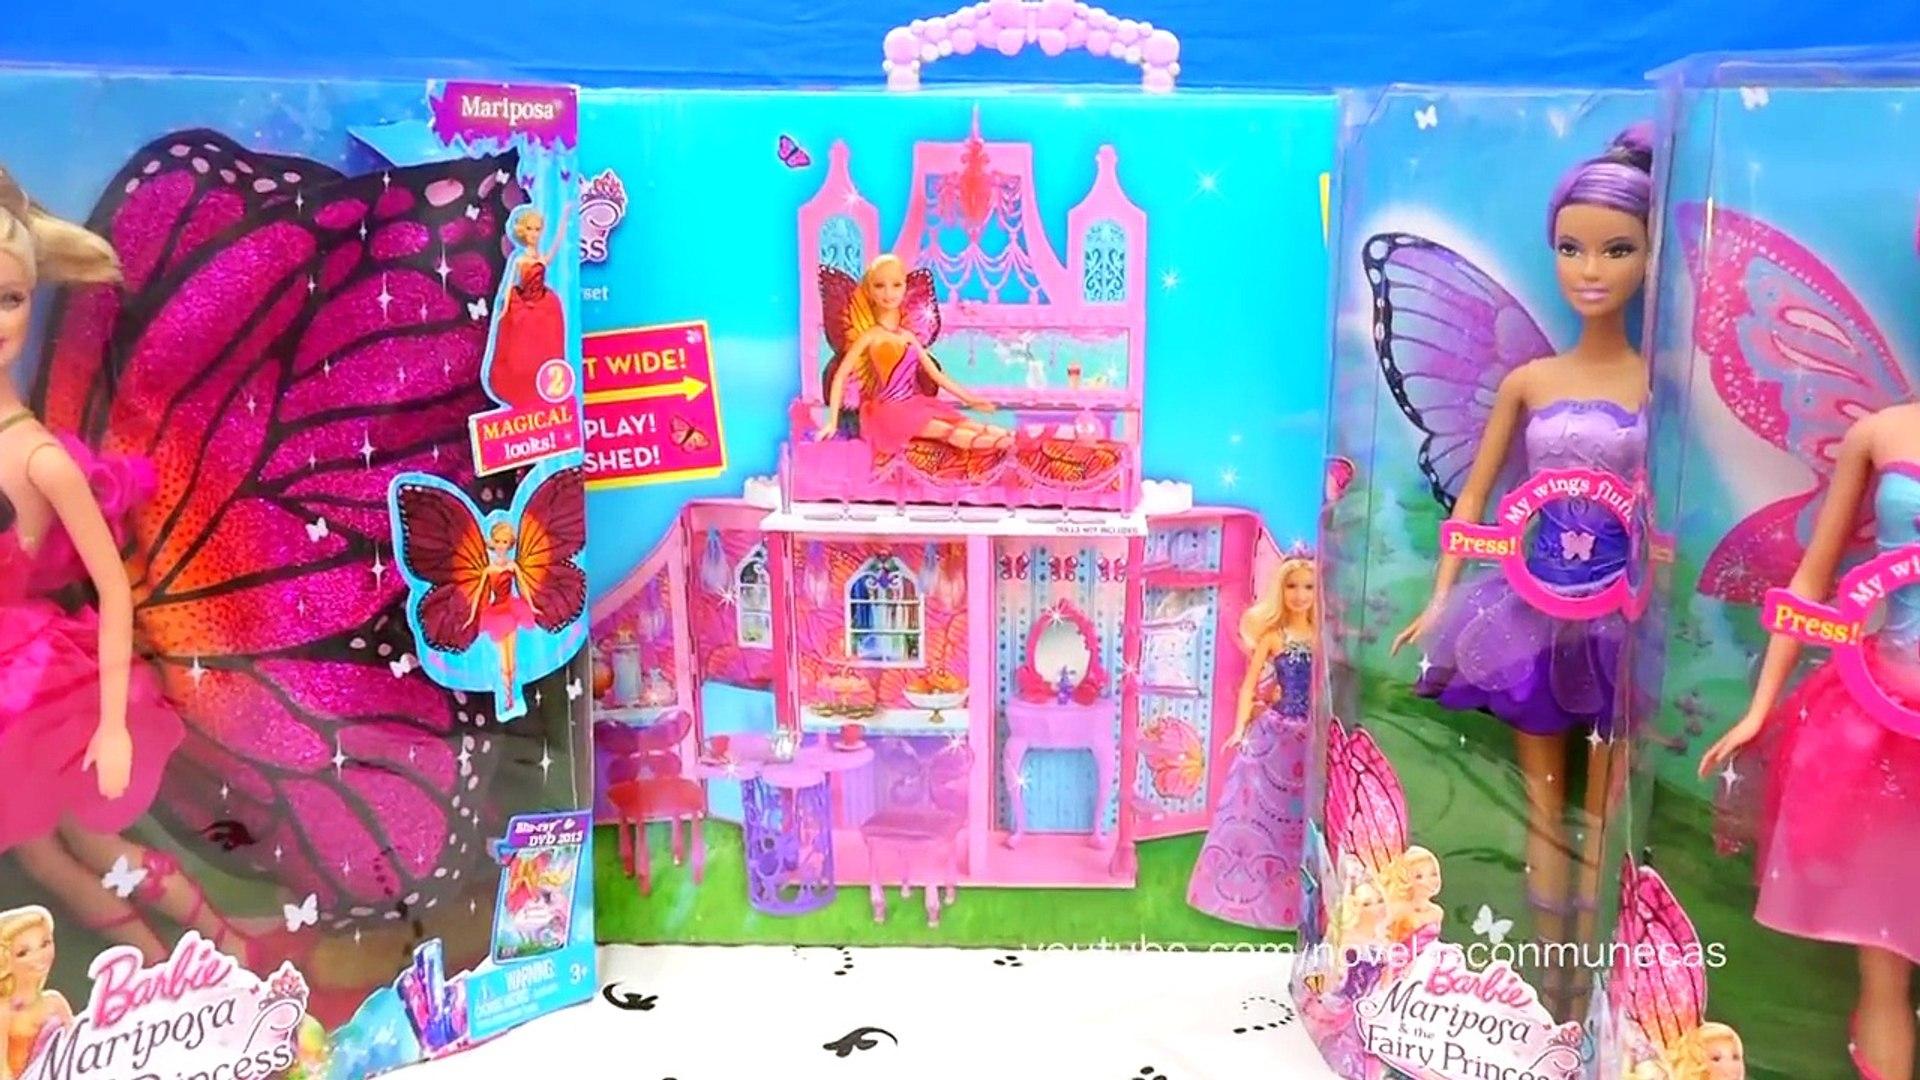 Muñecas Y Juguetes De Barbie De La Película Barbie Mariposa Y La Princesa De Las Hadas